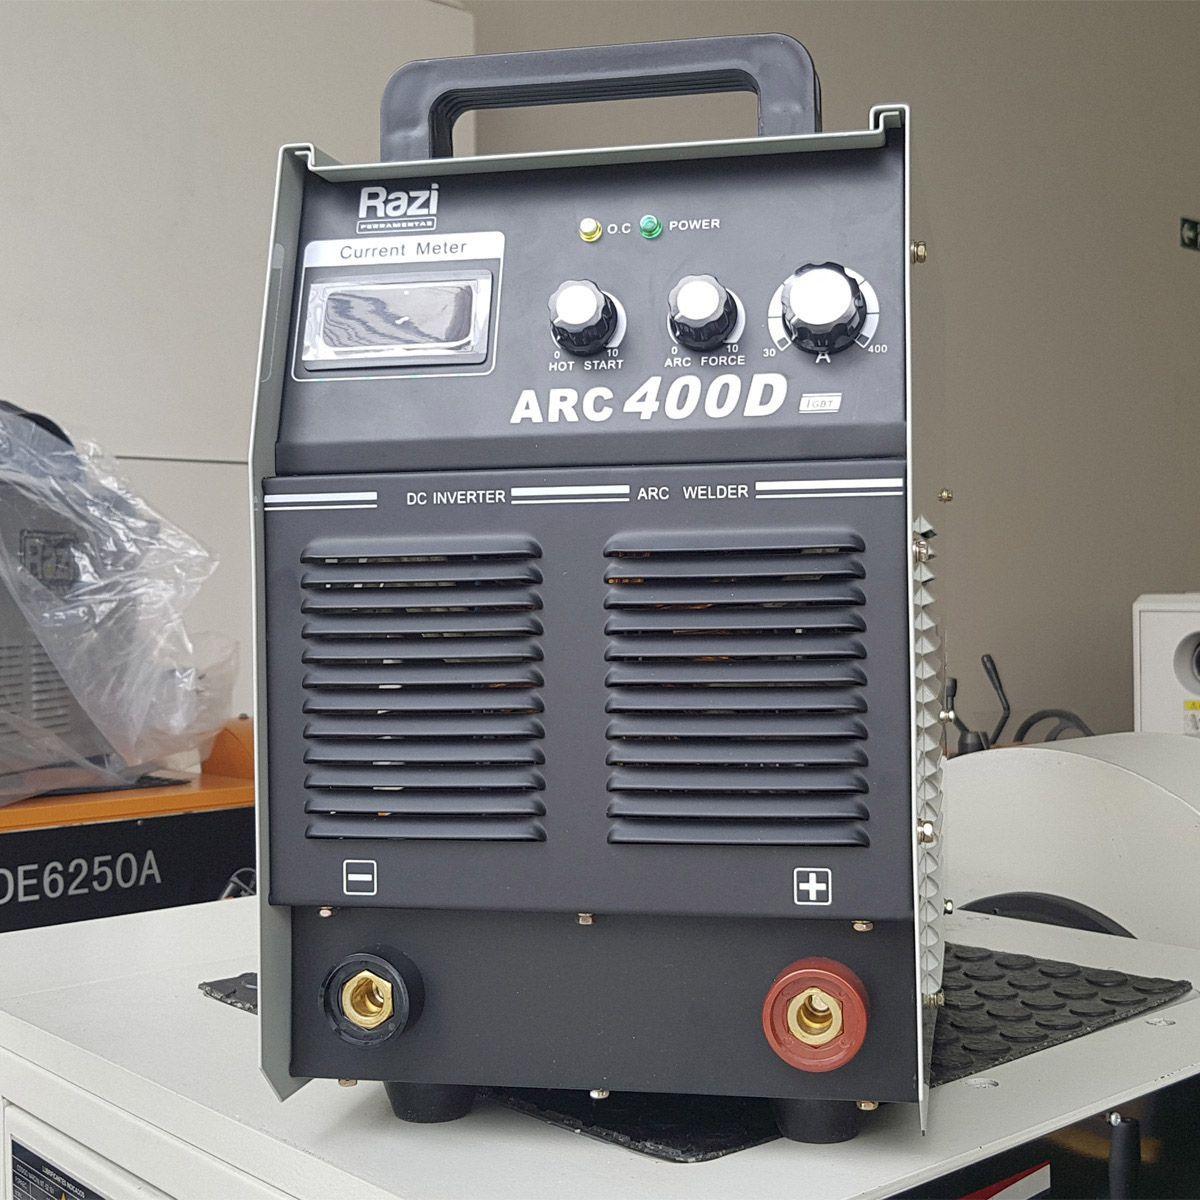 Inversora de Solda Arc400d Trifásica 220v - Razi